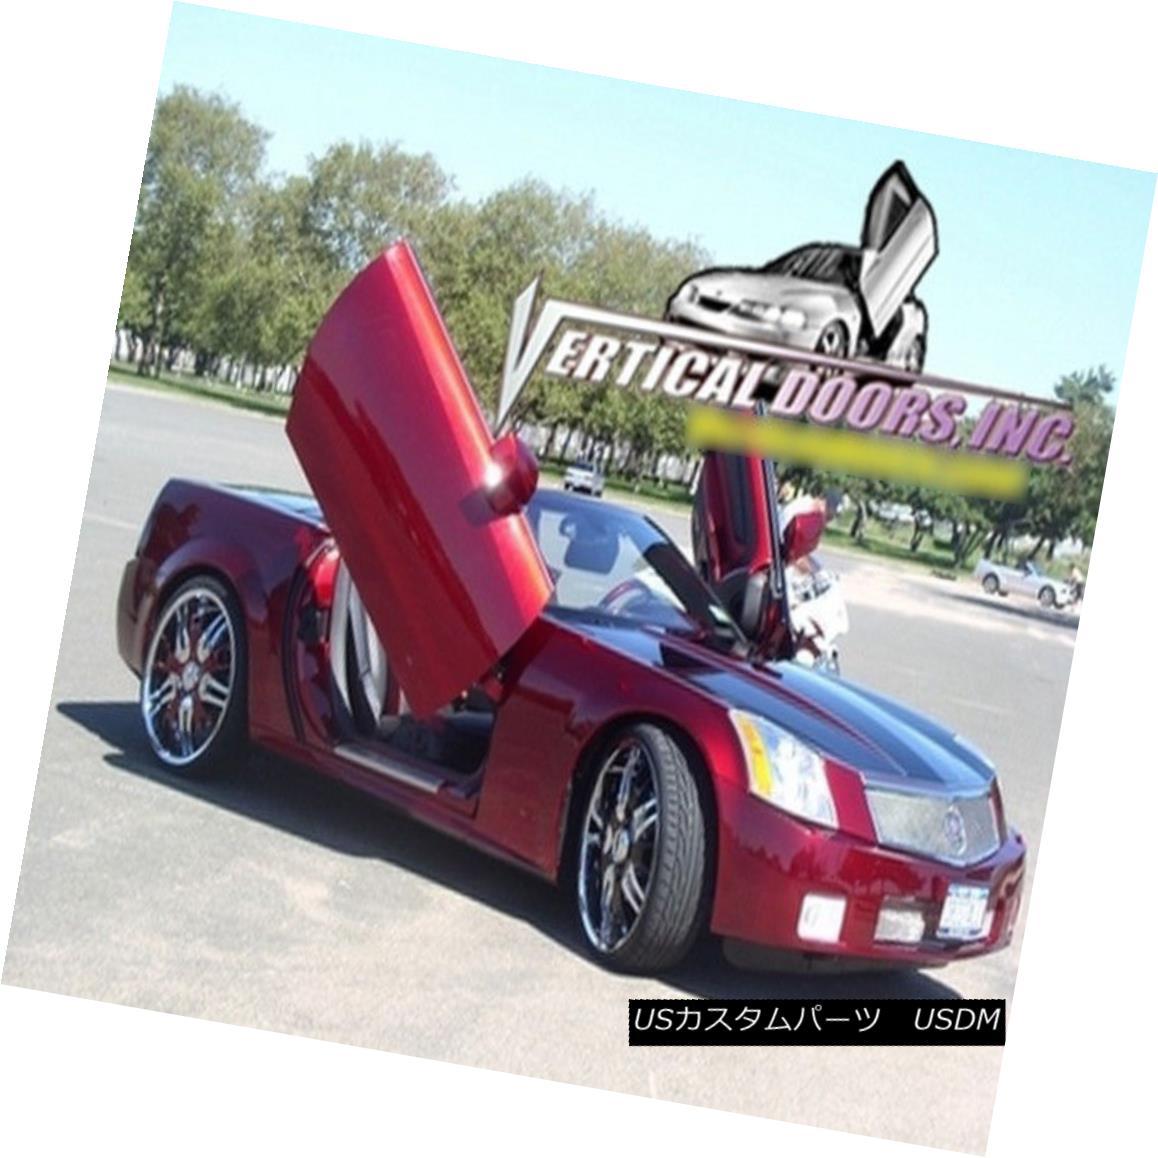 ガルウィングキット Cadillac Xlr 04-09 Lambo Kit Vertical Doors Inc 05 06+ キャデラックXlr 04-09ランボキット垂直ドアInc 05 06 +